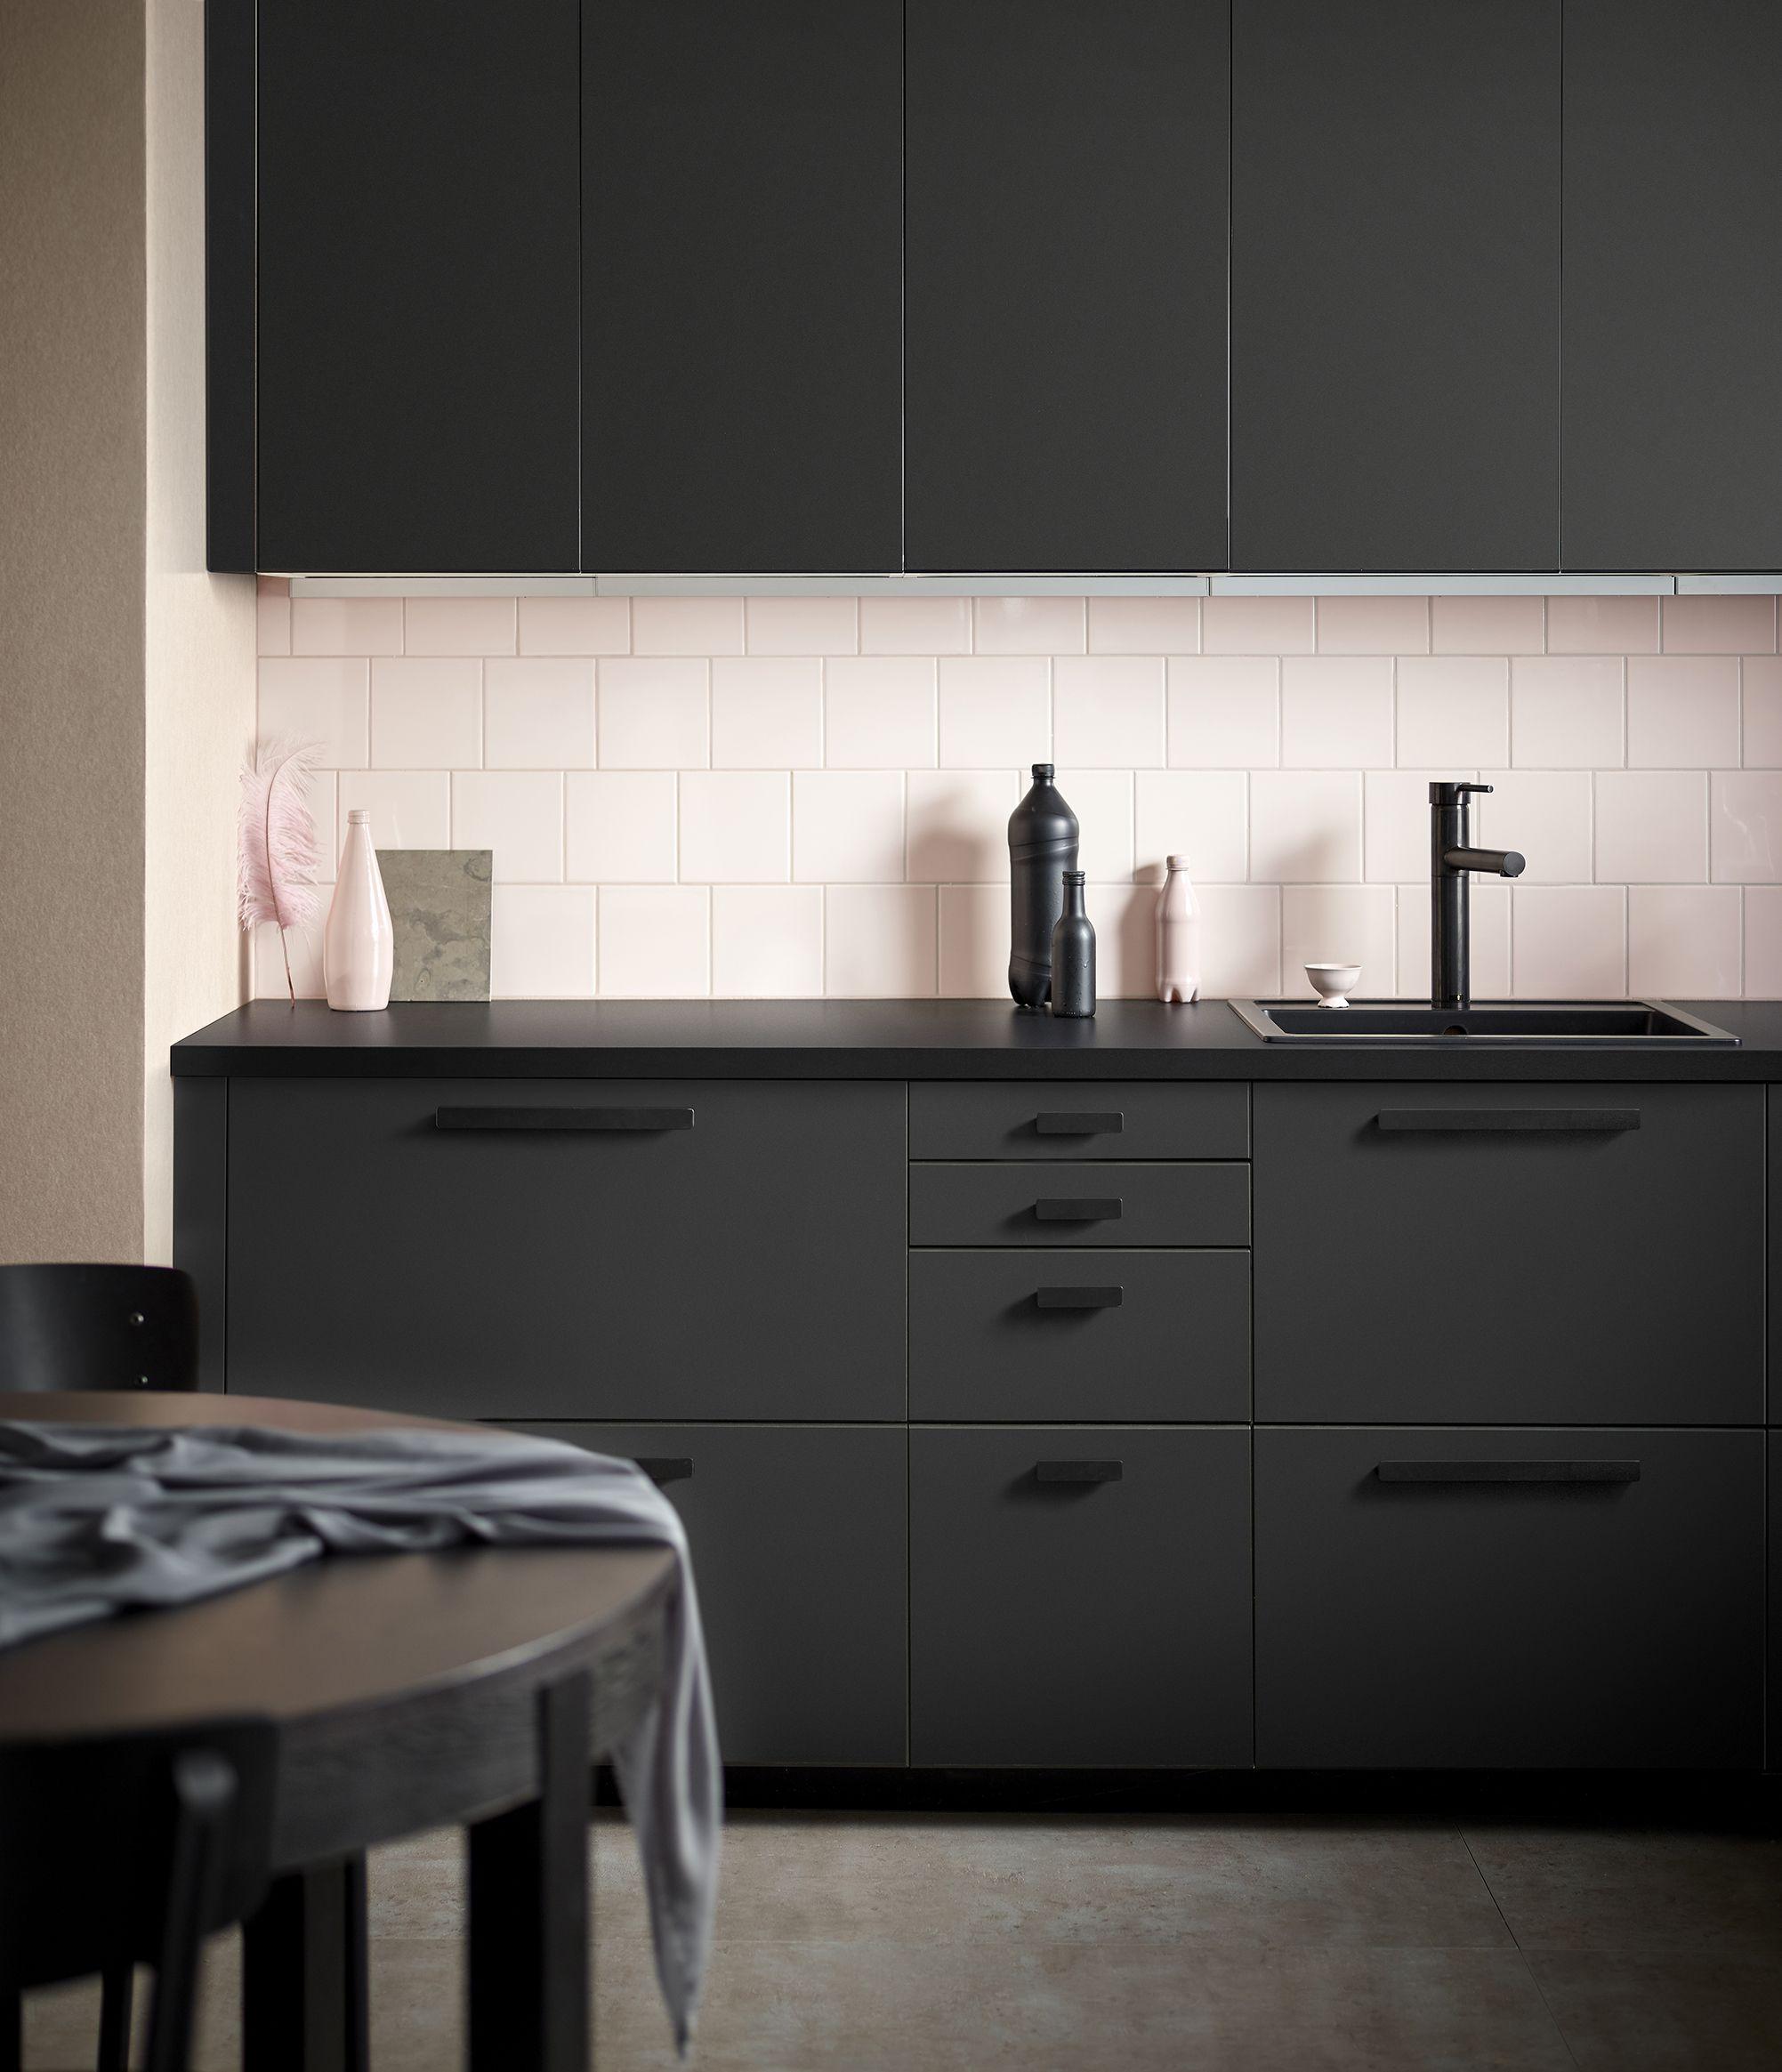 Schweiz Originelle Einrichtung Fur Dein Zuhause Kuchen Fronten Kuche Schwarz Metod Kuche